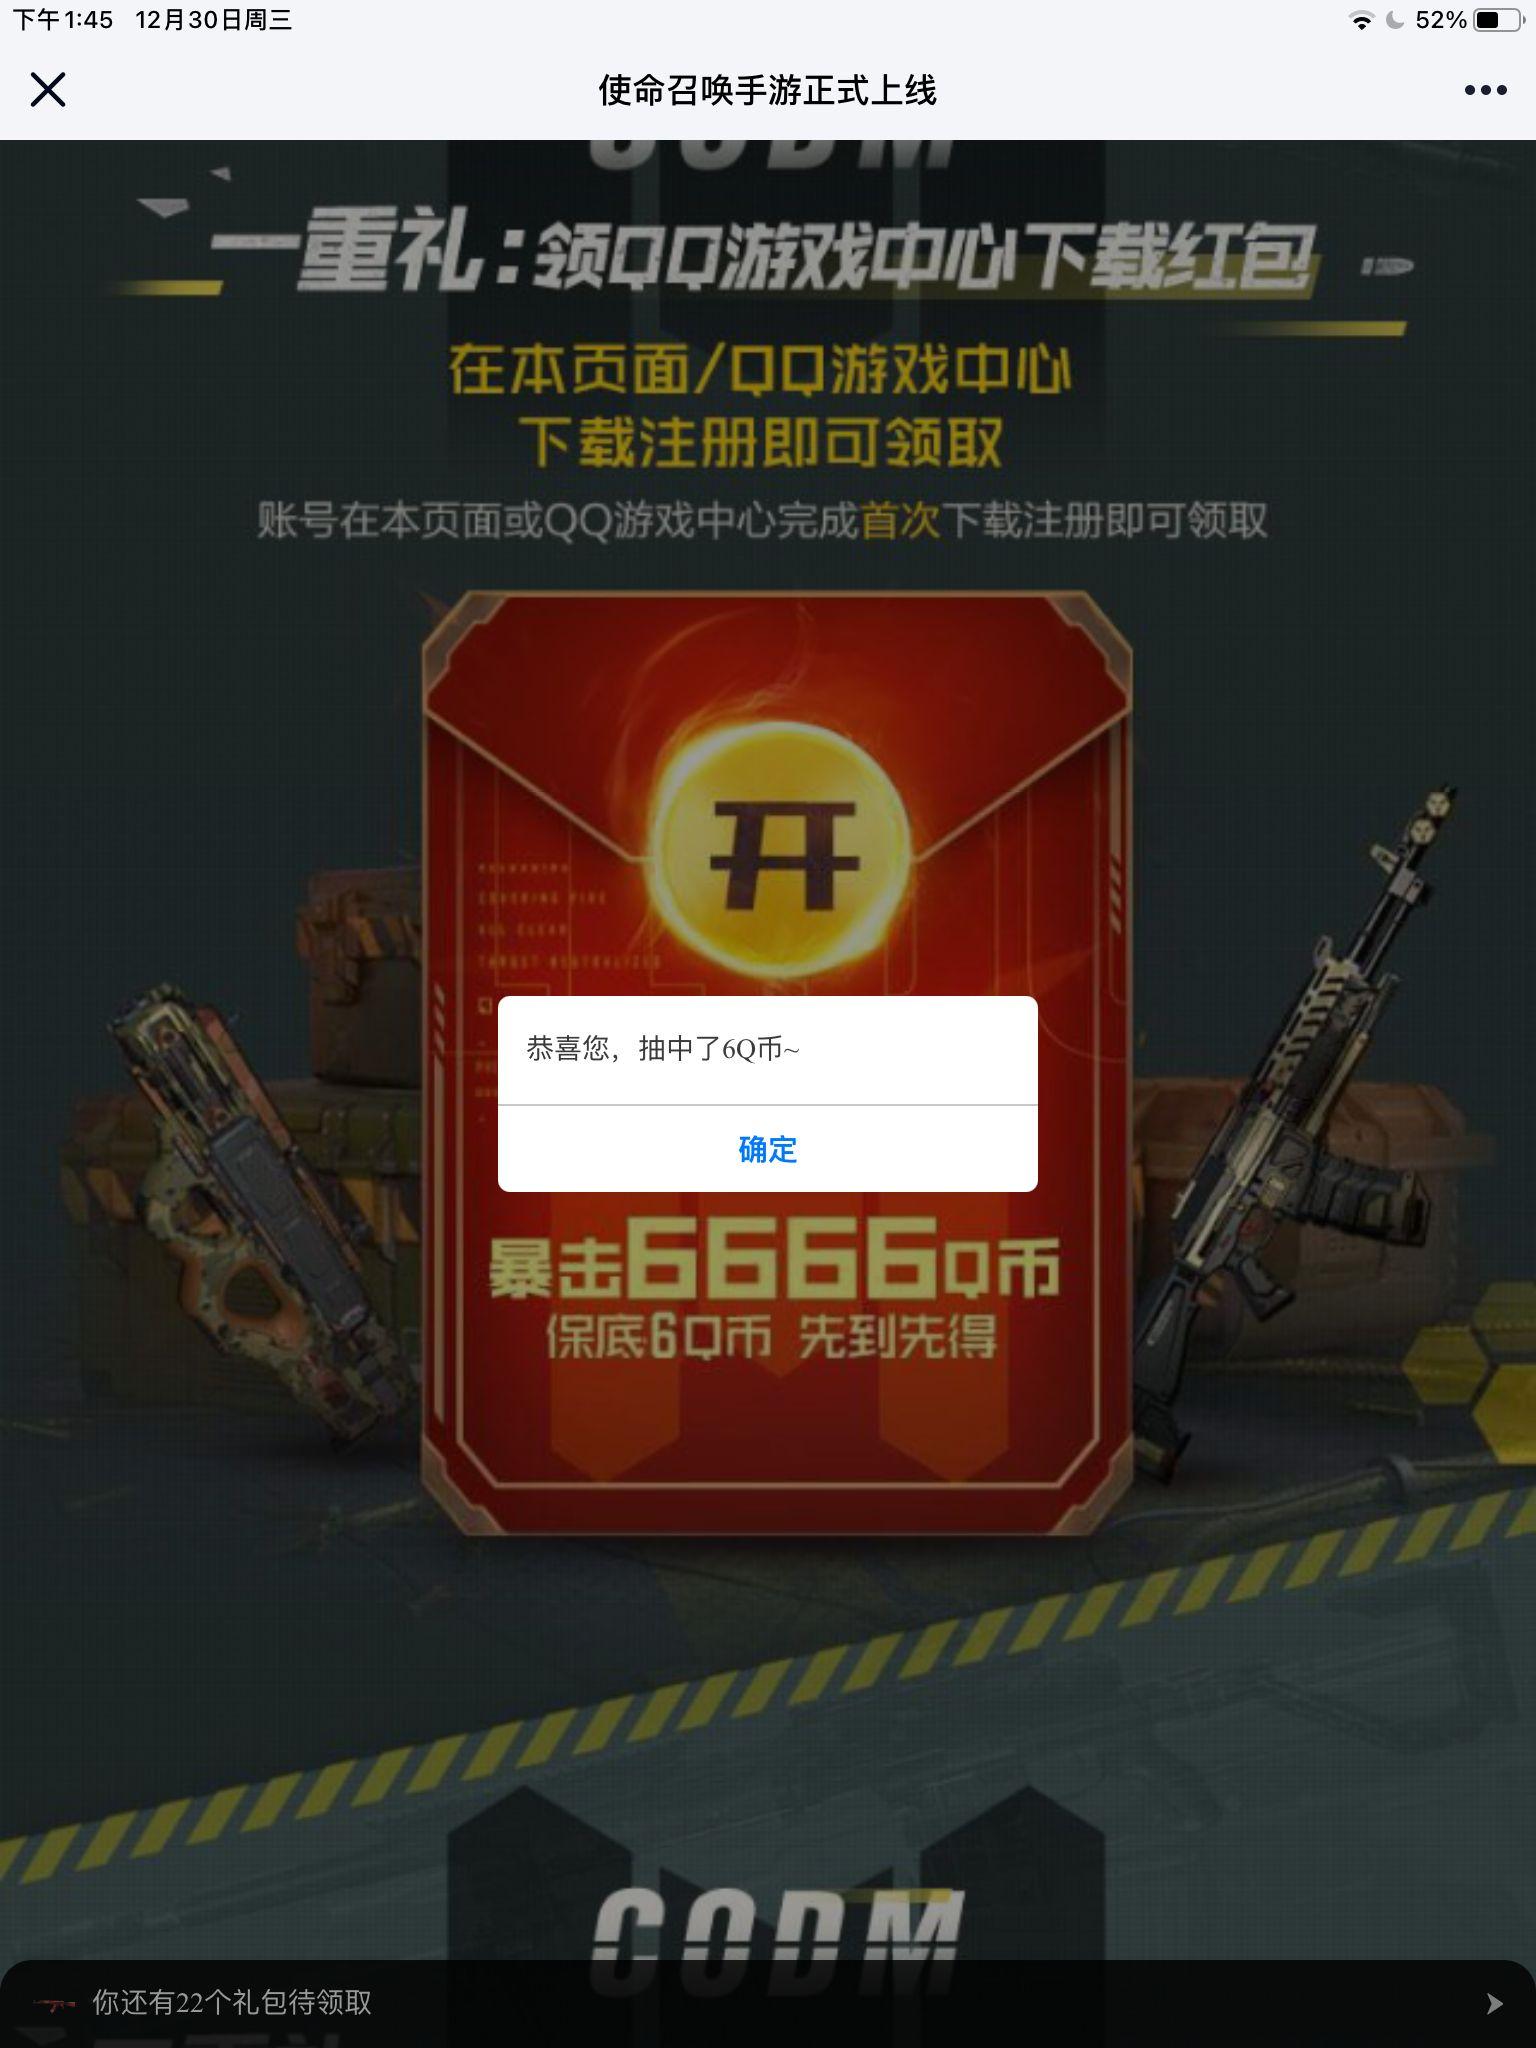 【虚拟物品】使命召唤新用户领6q币-聚合资源网